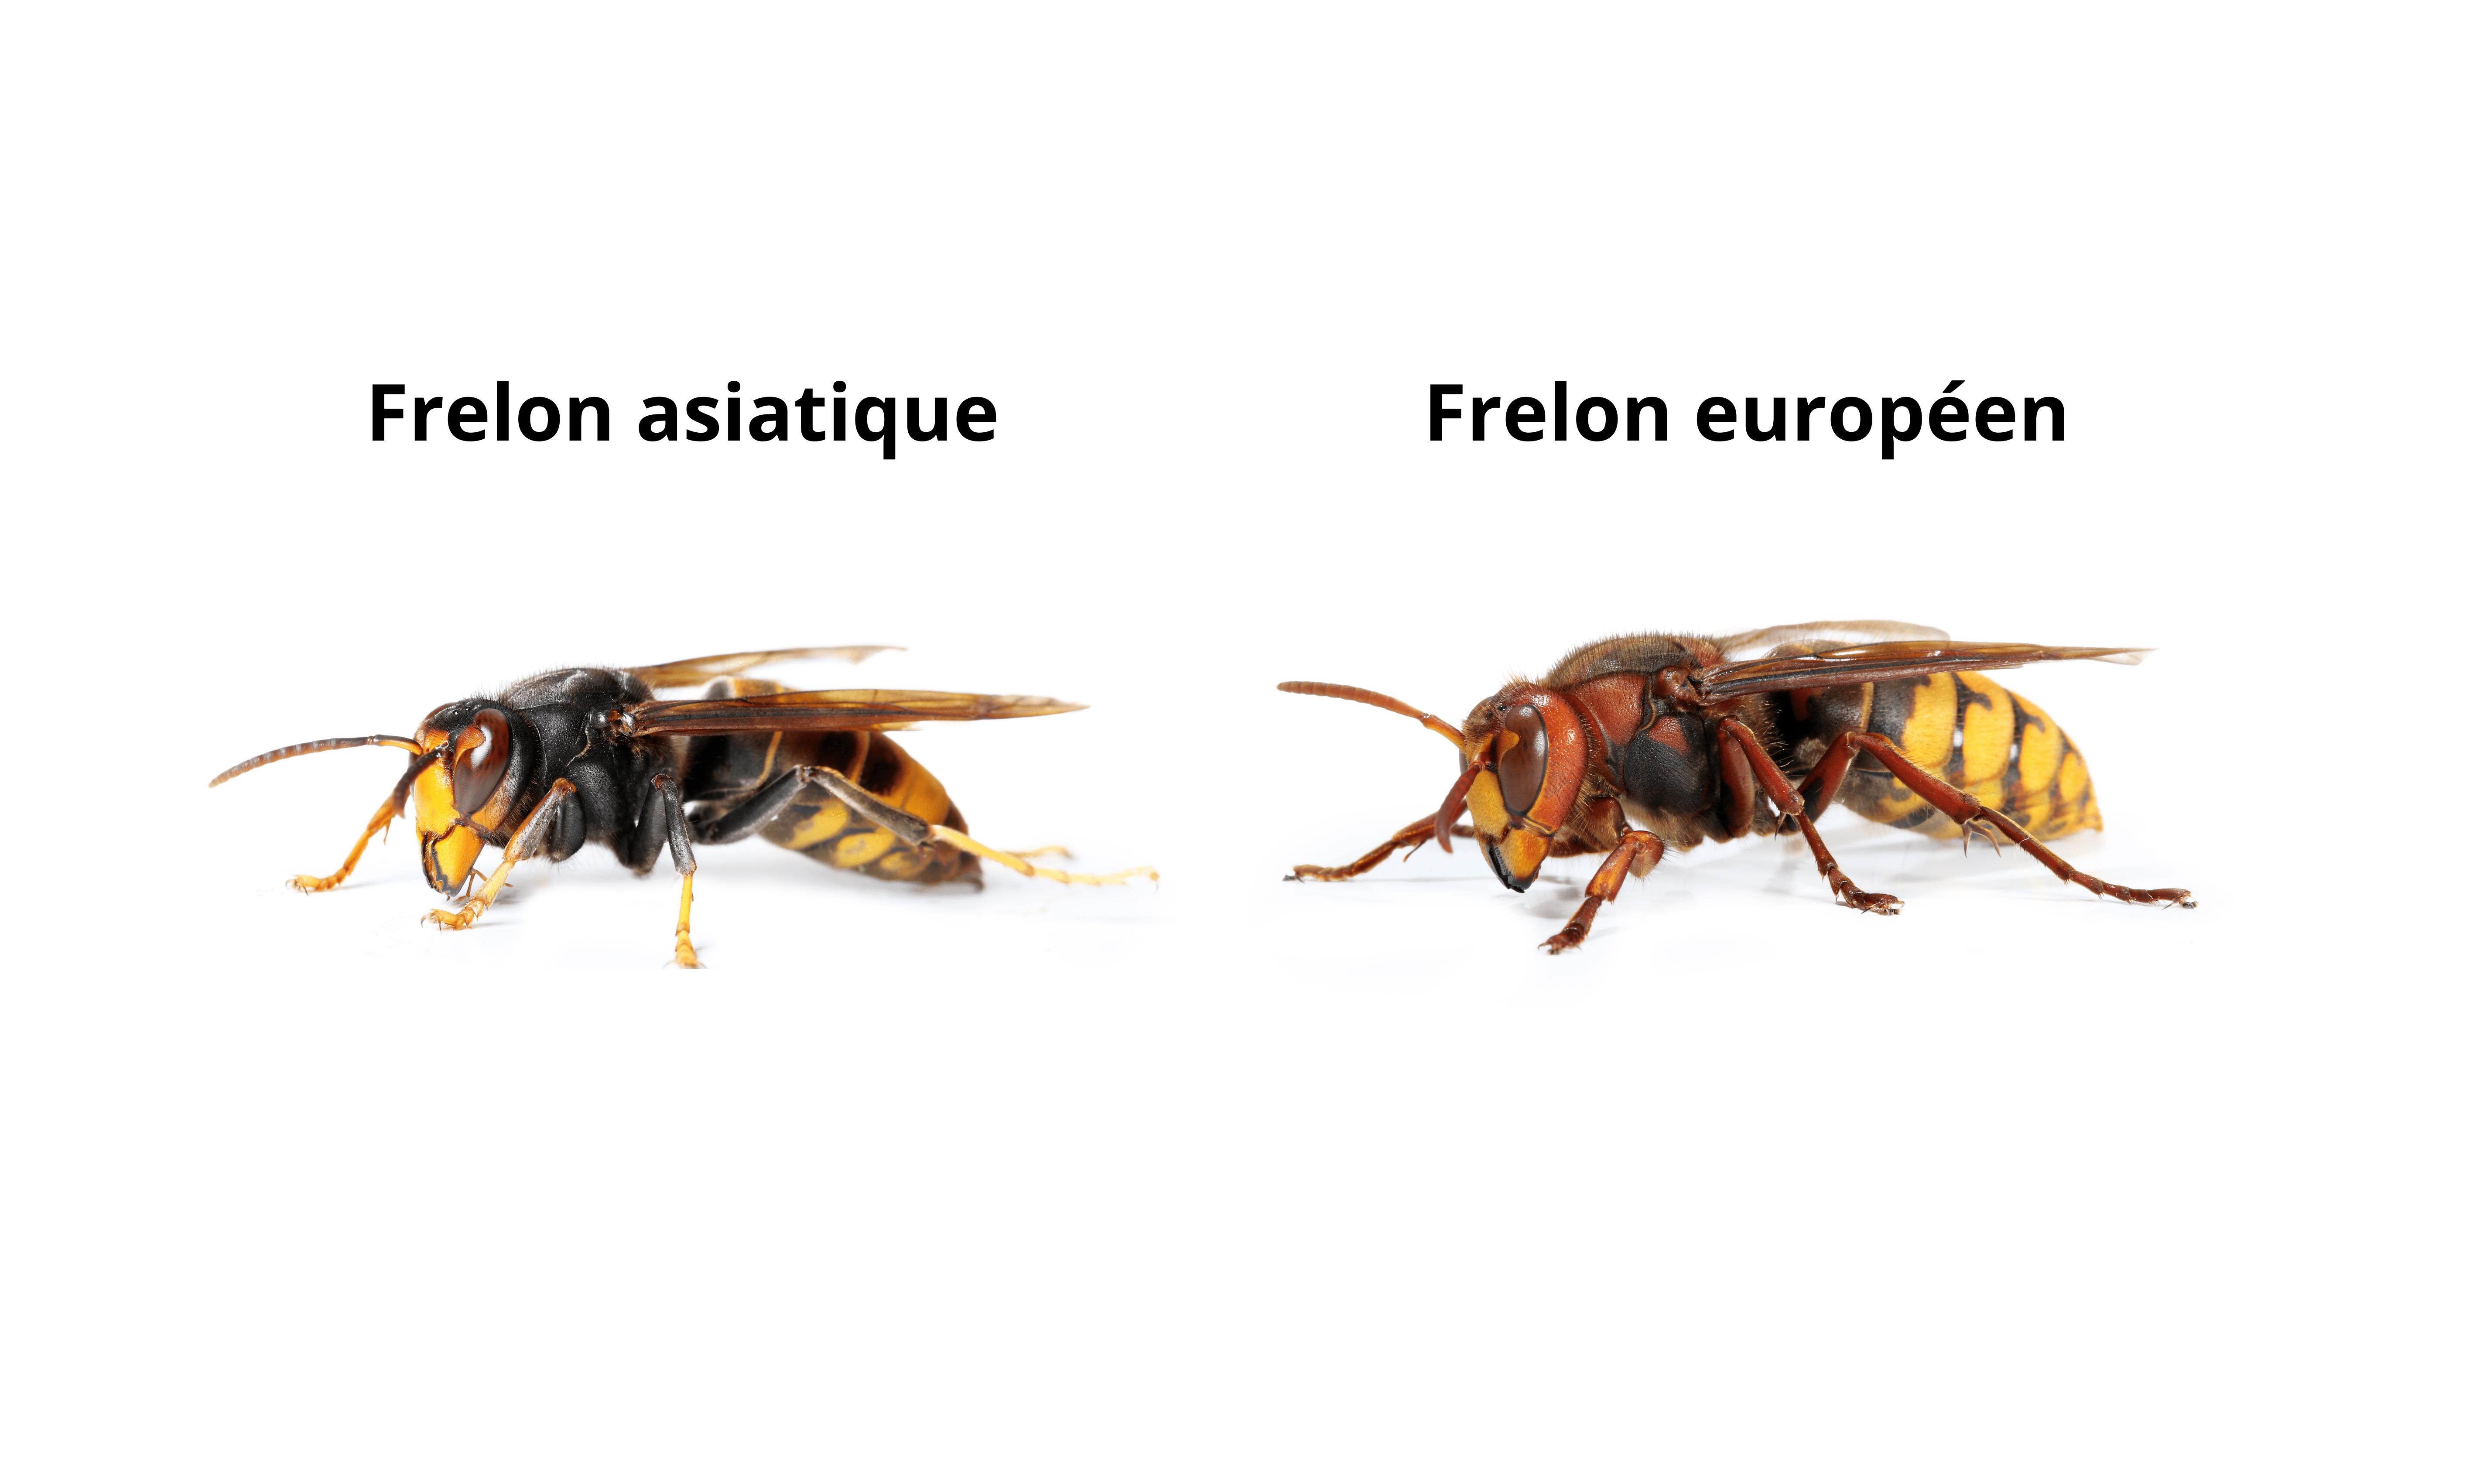 frelons asiatiques et frelons européens